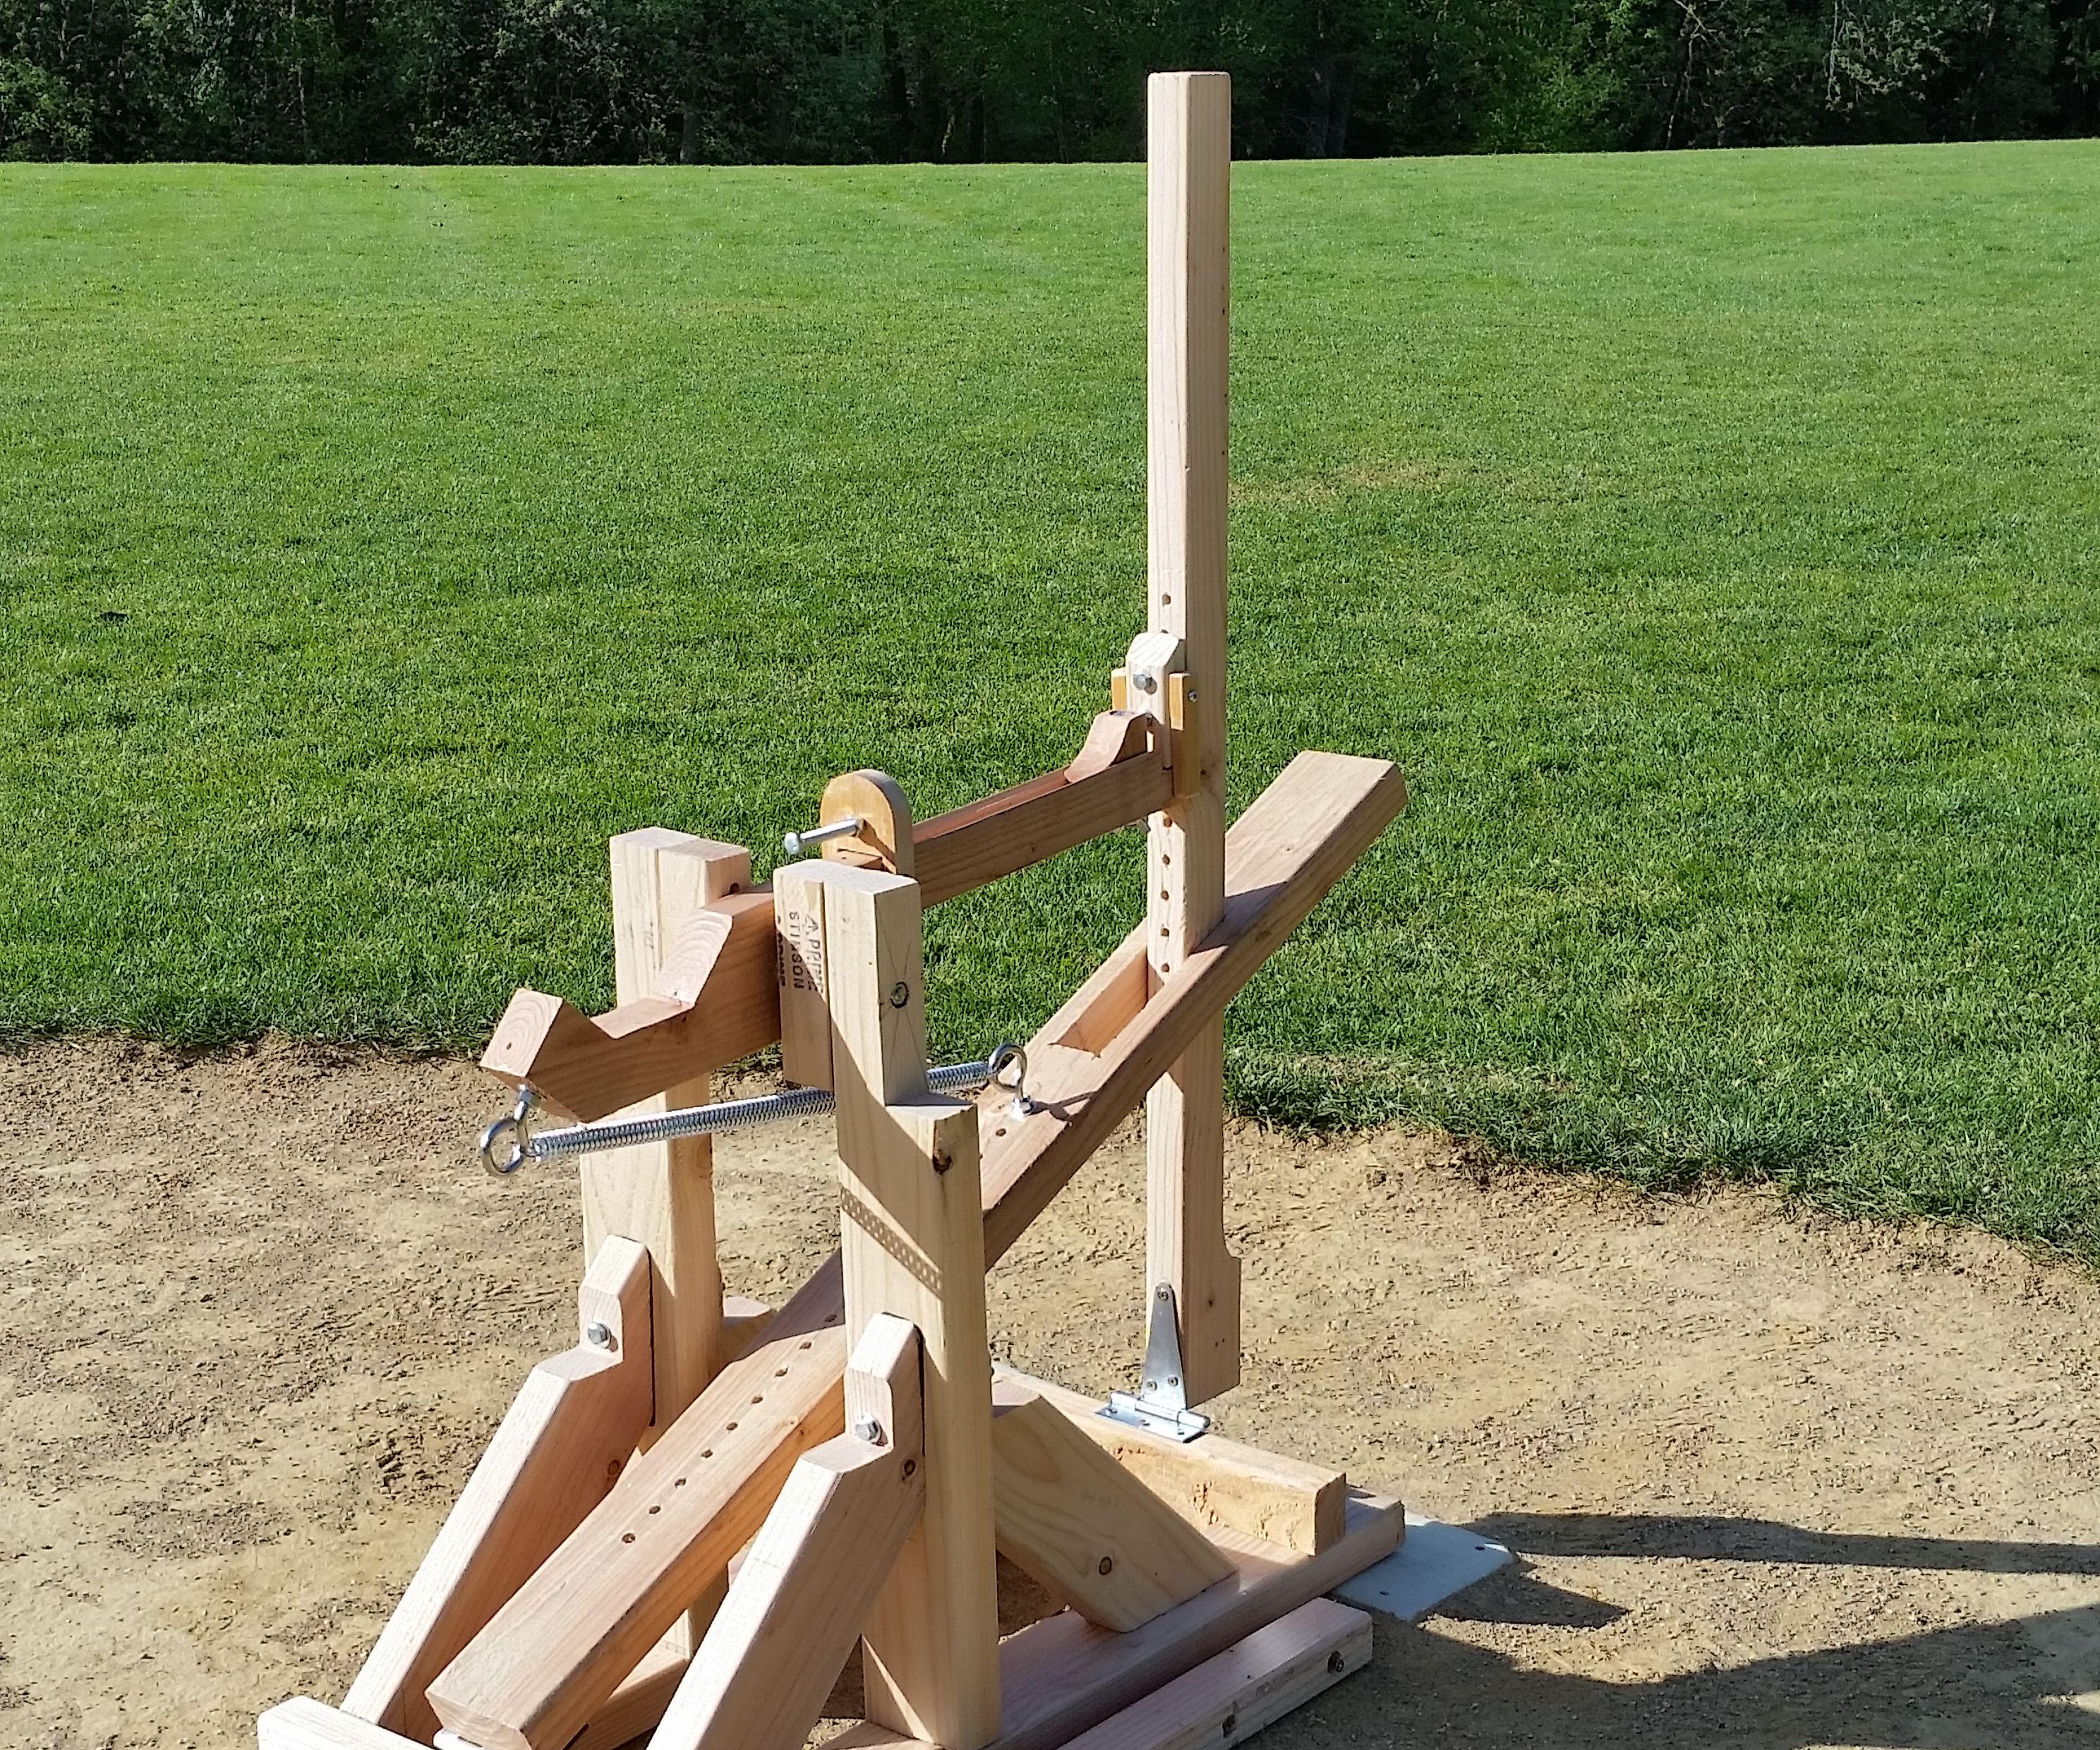 DIY Pitching Machine